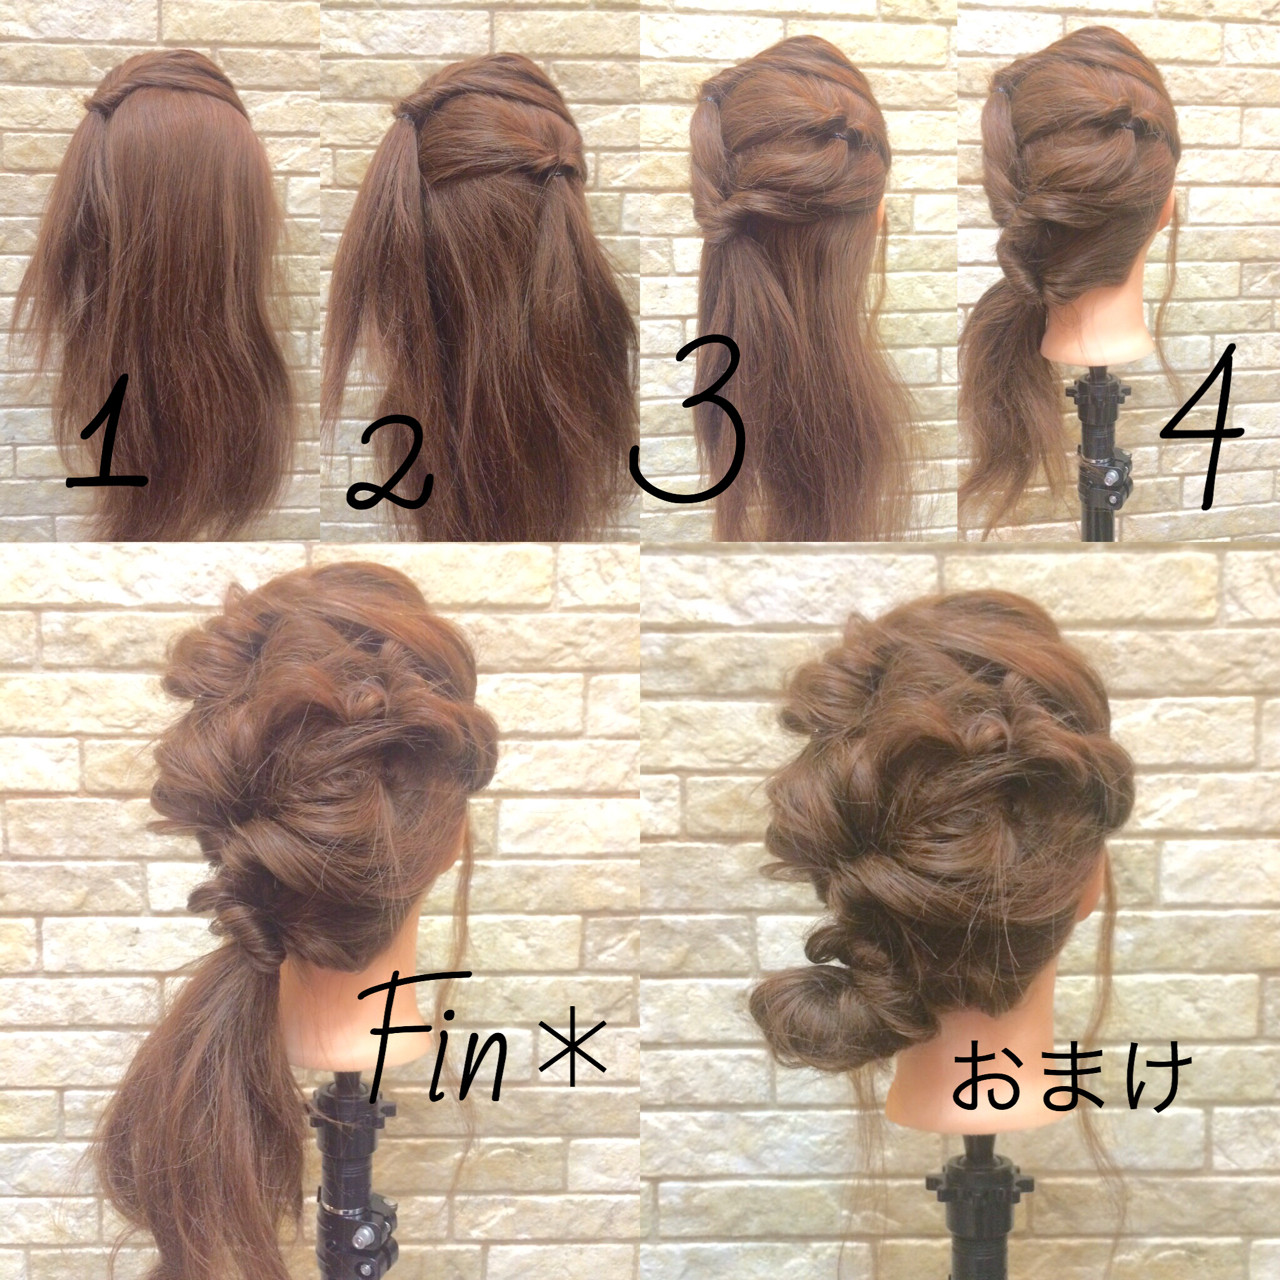 ヘアアレンジ 簡単ヘアアレンジ くるりんぱ ヘアアクセ ヘアスタイルや髪型の写真・画像 | 中村香奈子 / 匠forhair